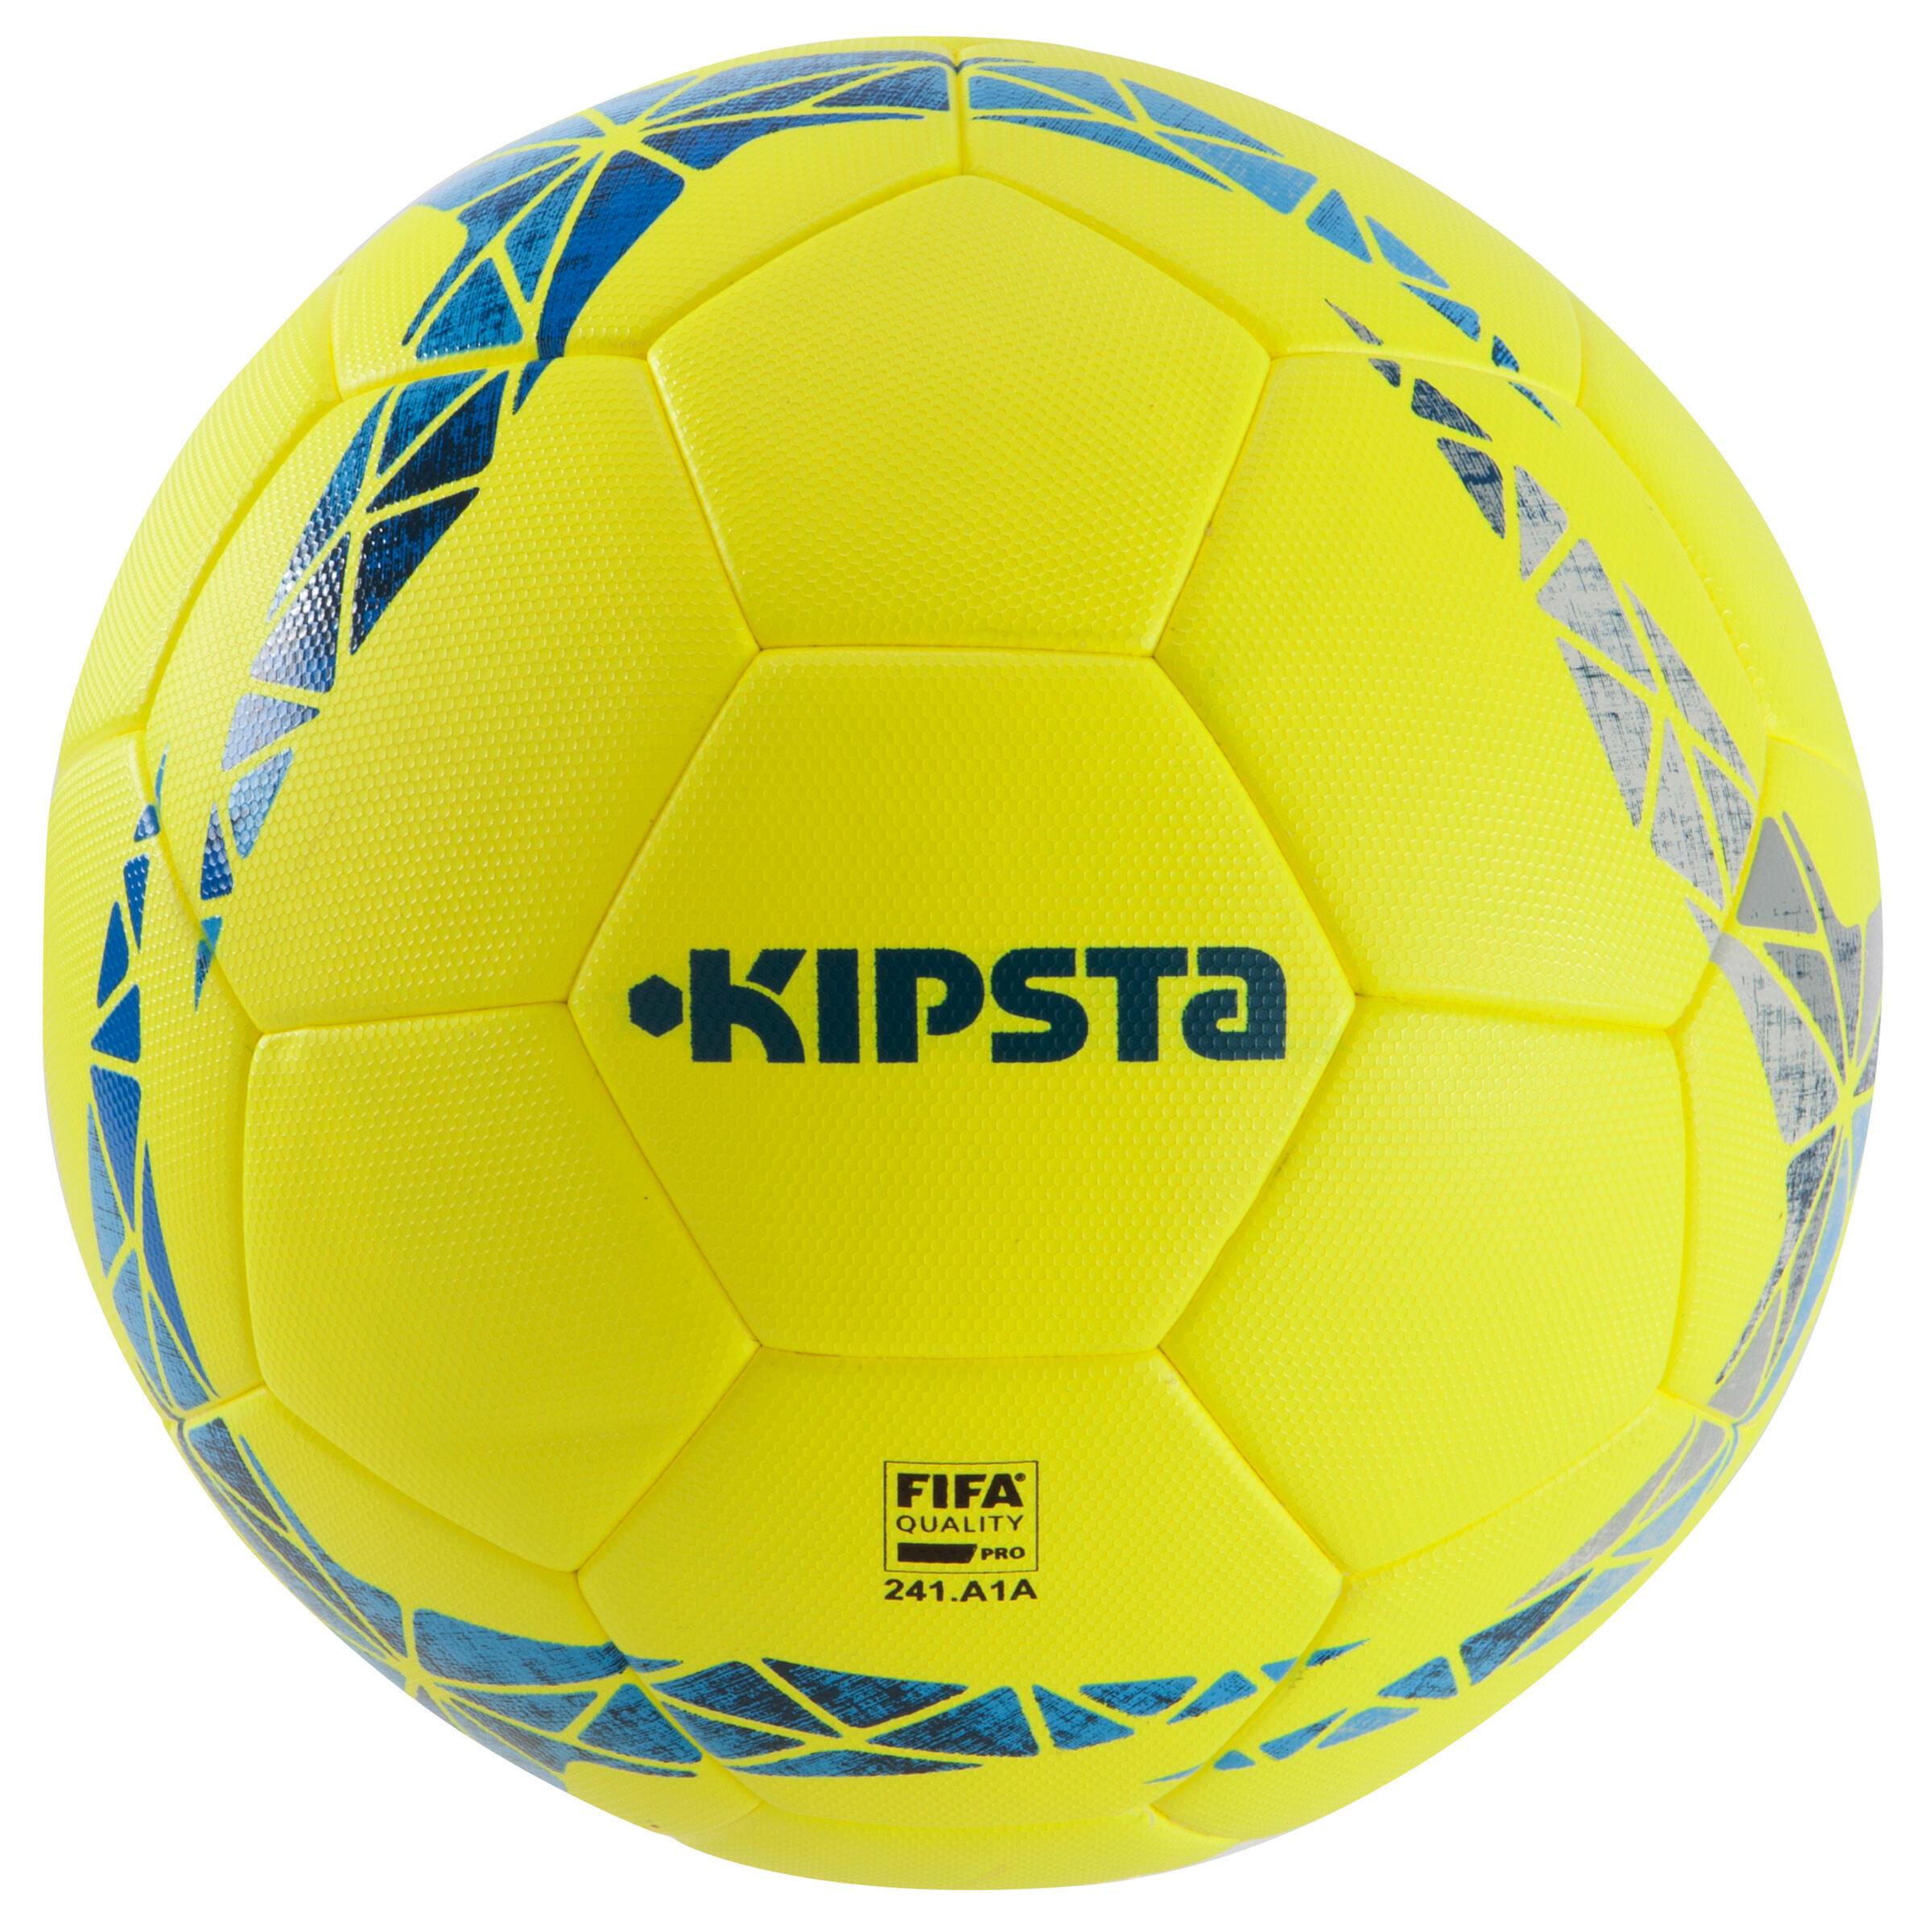 Kipsta Voetbal F900 FIFA Pro maat 5 geel kopen